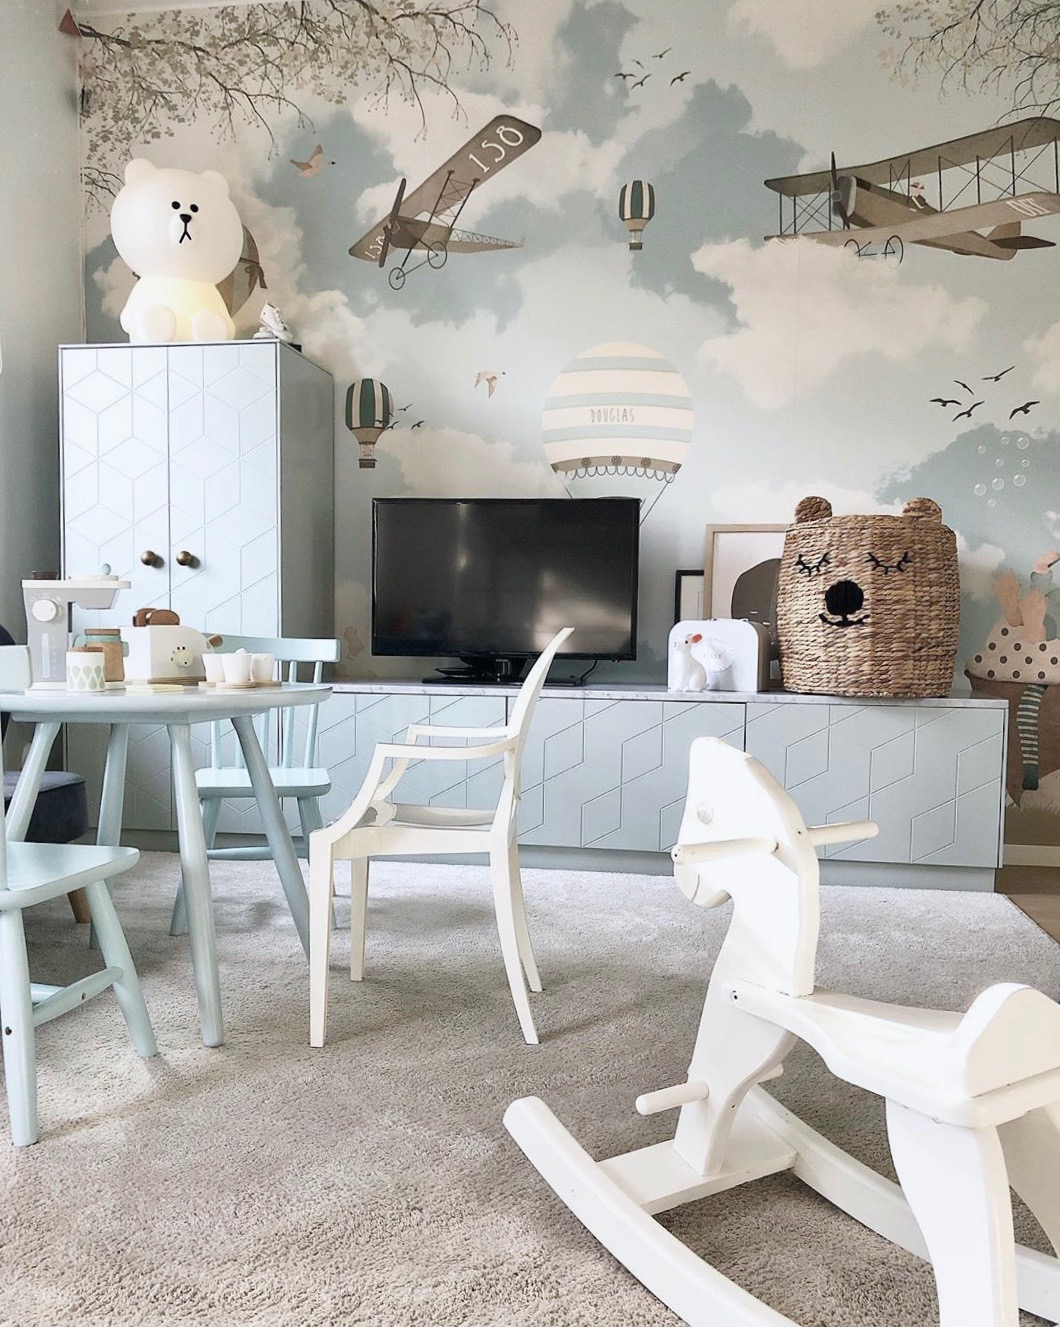 chambre enfant blanche bleu clair thème avion montgolfière scandinave vintage